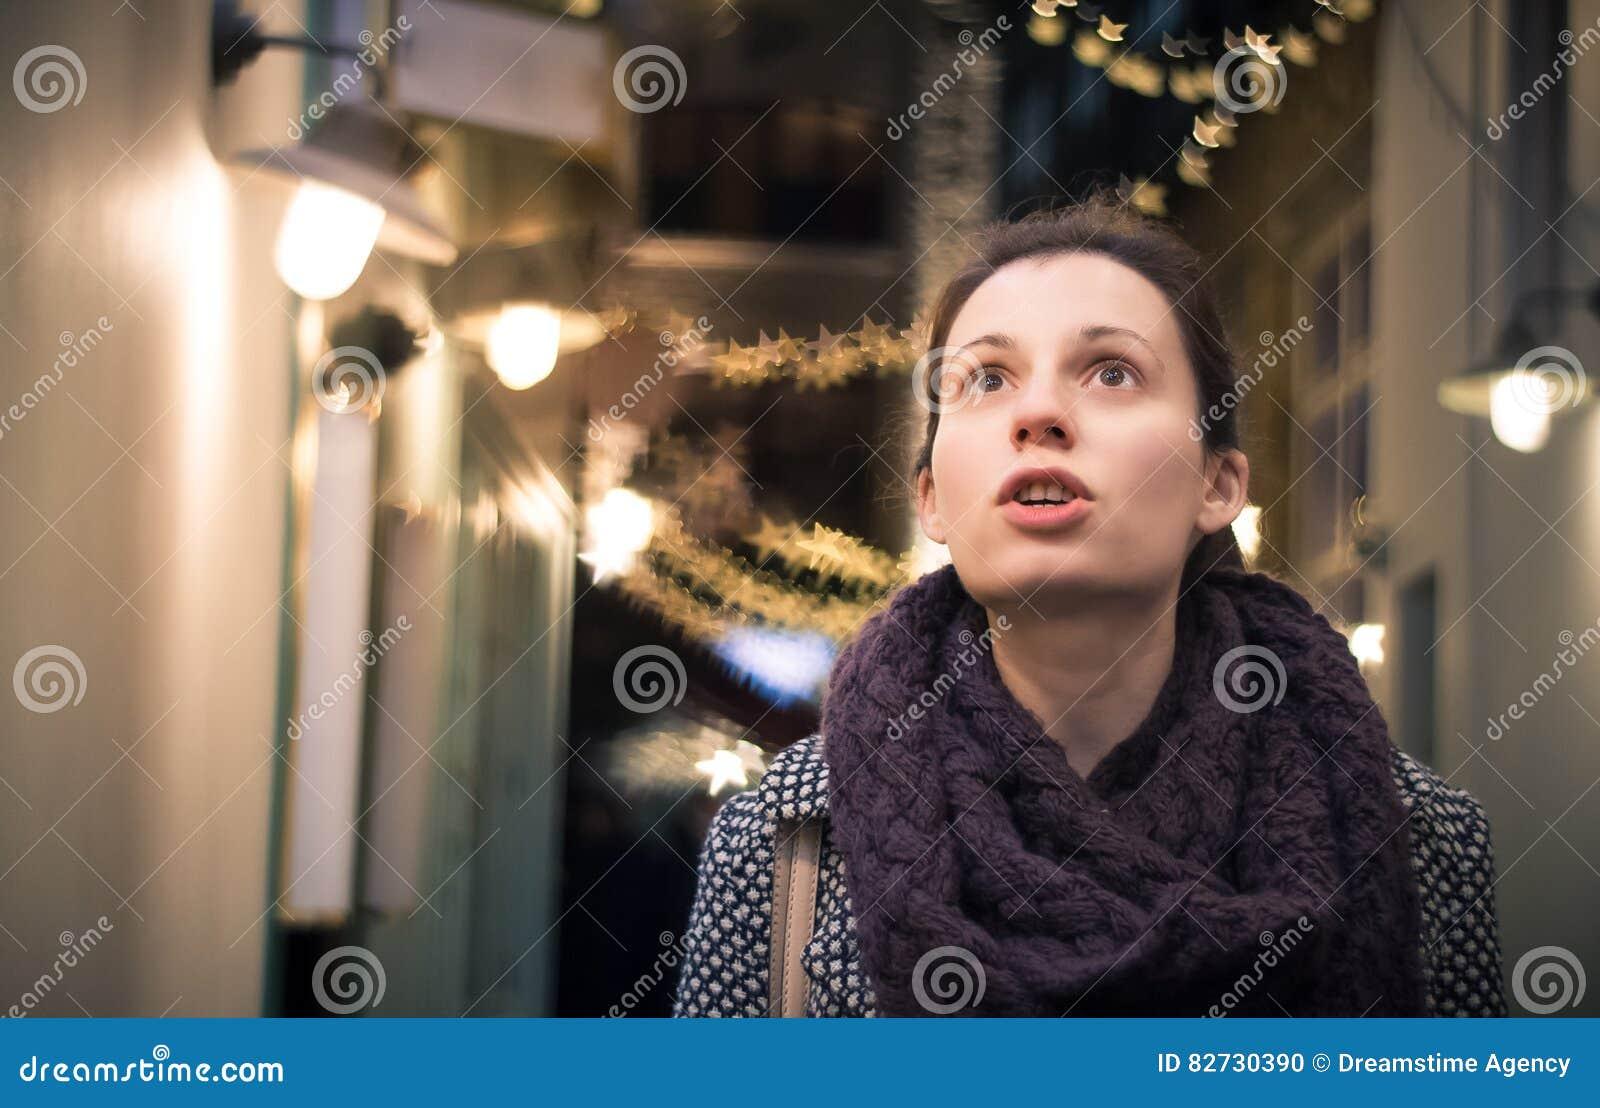 Wow! Frau überrascht durch Weihnachtsdekorationen